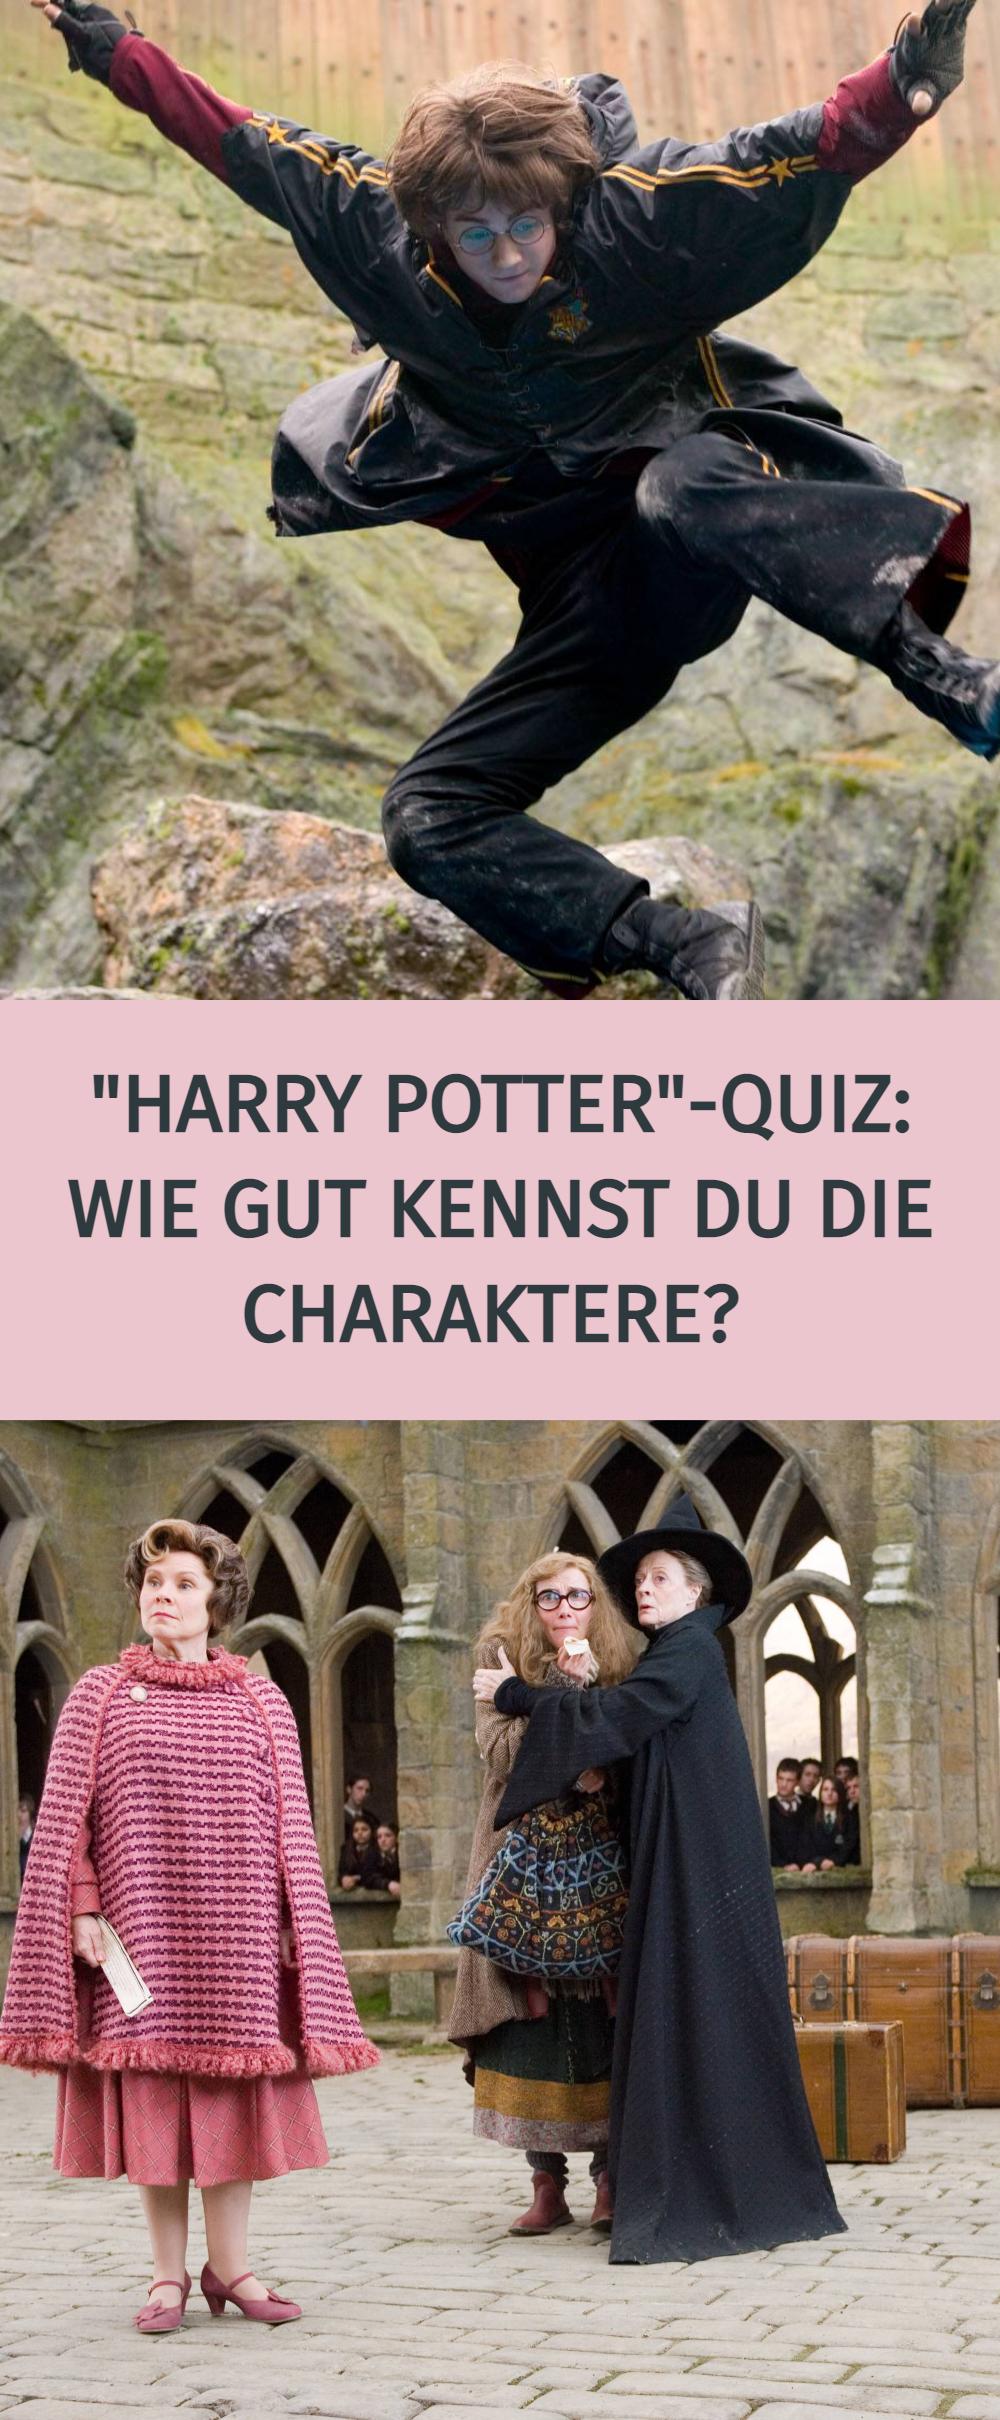 Harry Potter Quiz Wie Gut Kennst Du Die Charaktere Wenn Du Glaubst Dass Du Ein Echter Harry Potter Fan Bist Dann Soll In 2021 Harry Potter Quiz Filme Kino Film